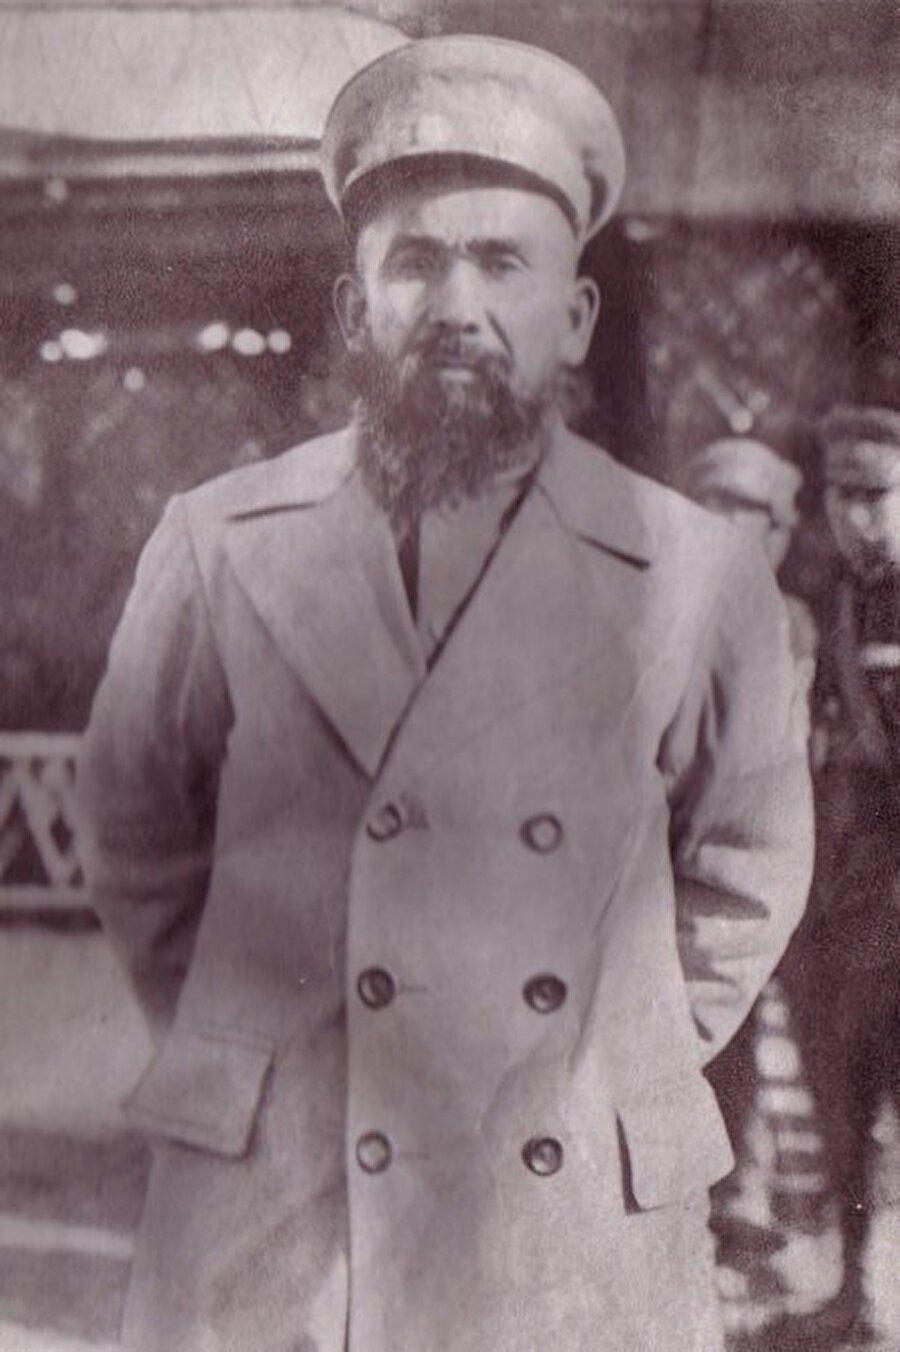 Yeni cumhuriyetin cumhurbaşkanlığına getirilen Hoca Niyaz Hacı.